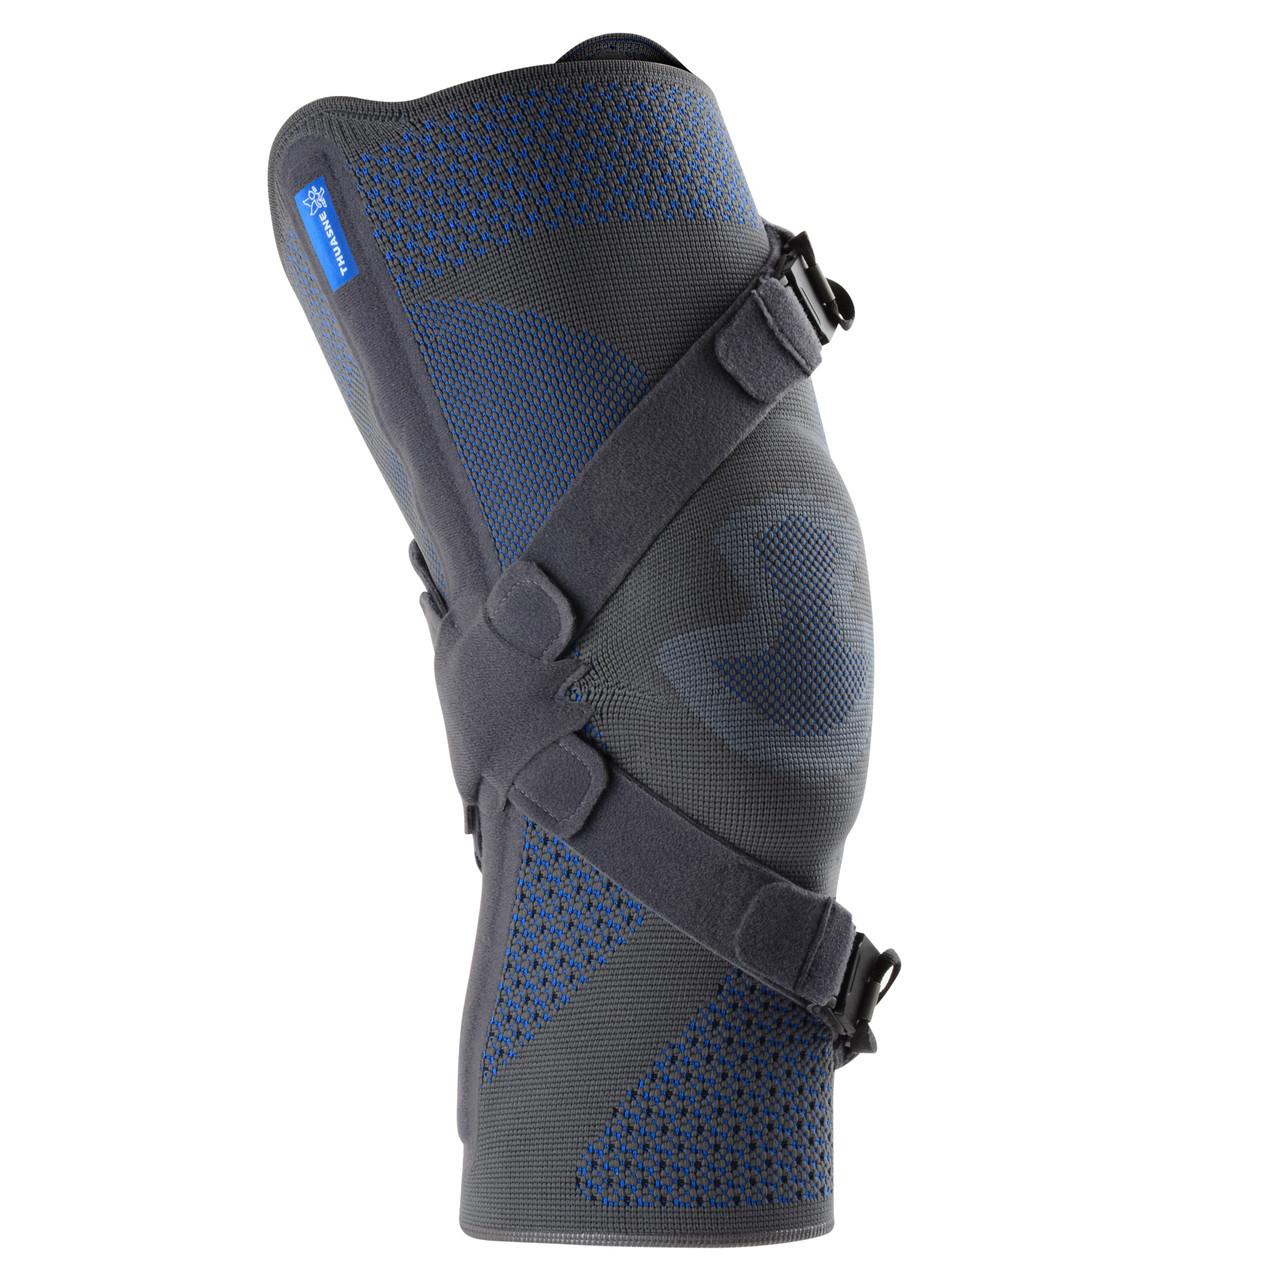 098e52de76 Action Reliever Osteoarthritis Knee Brace. Loading zoom